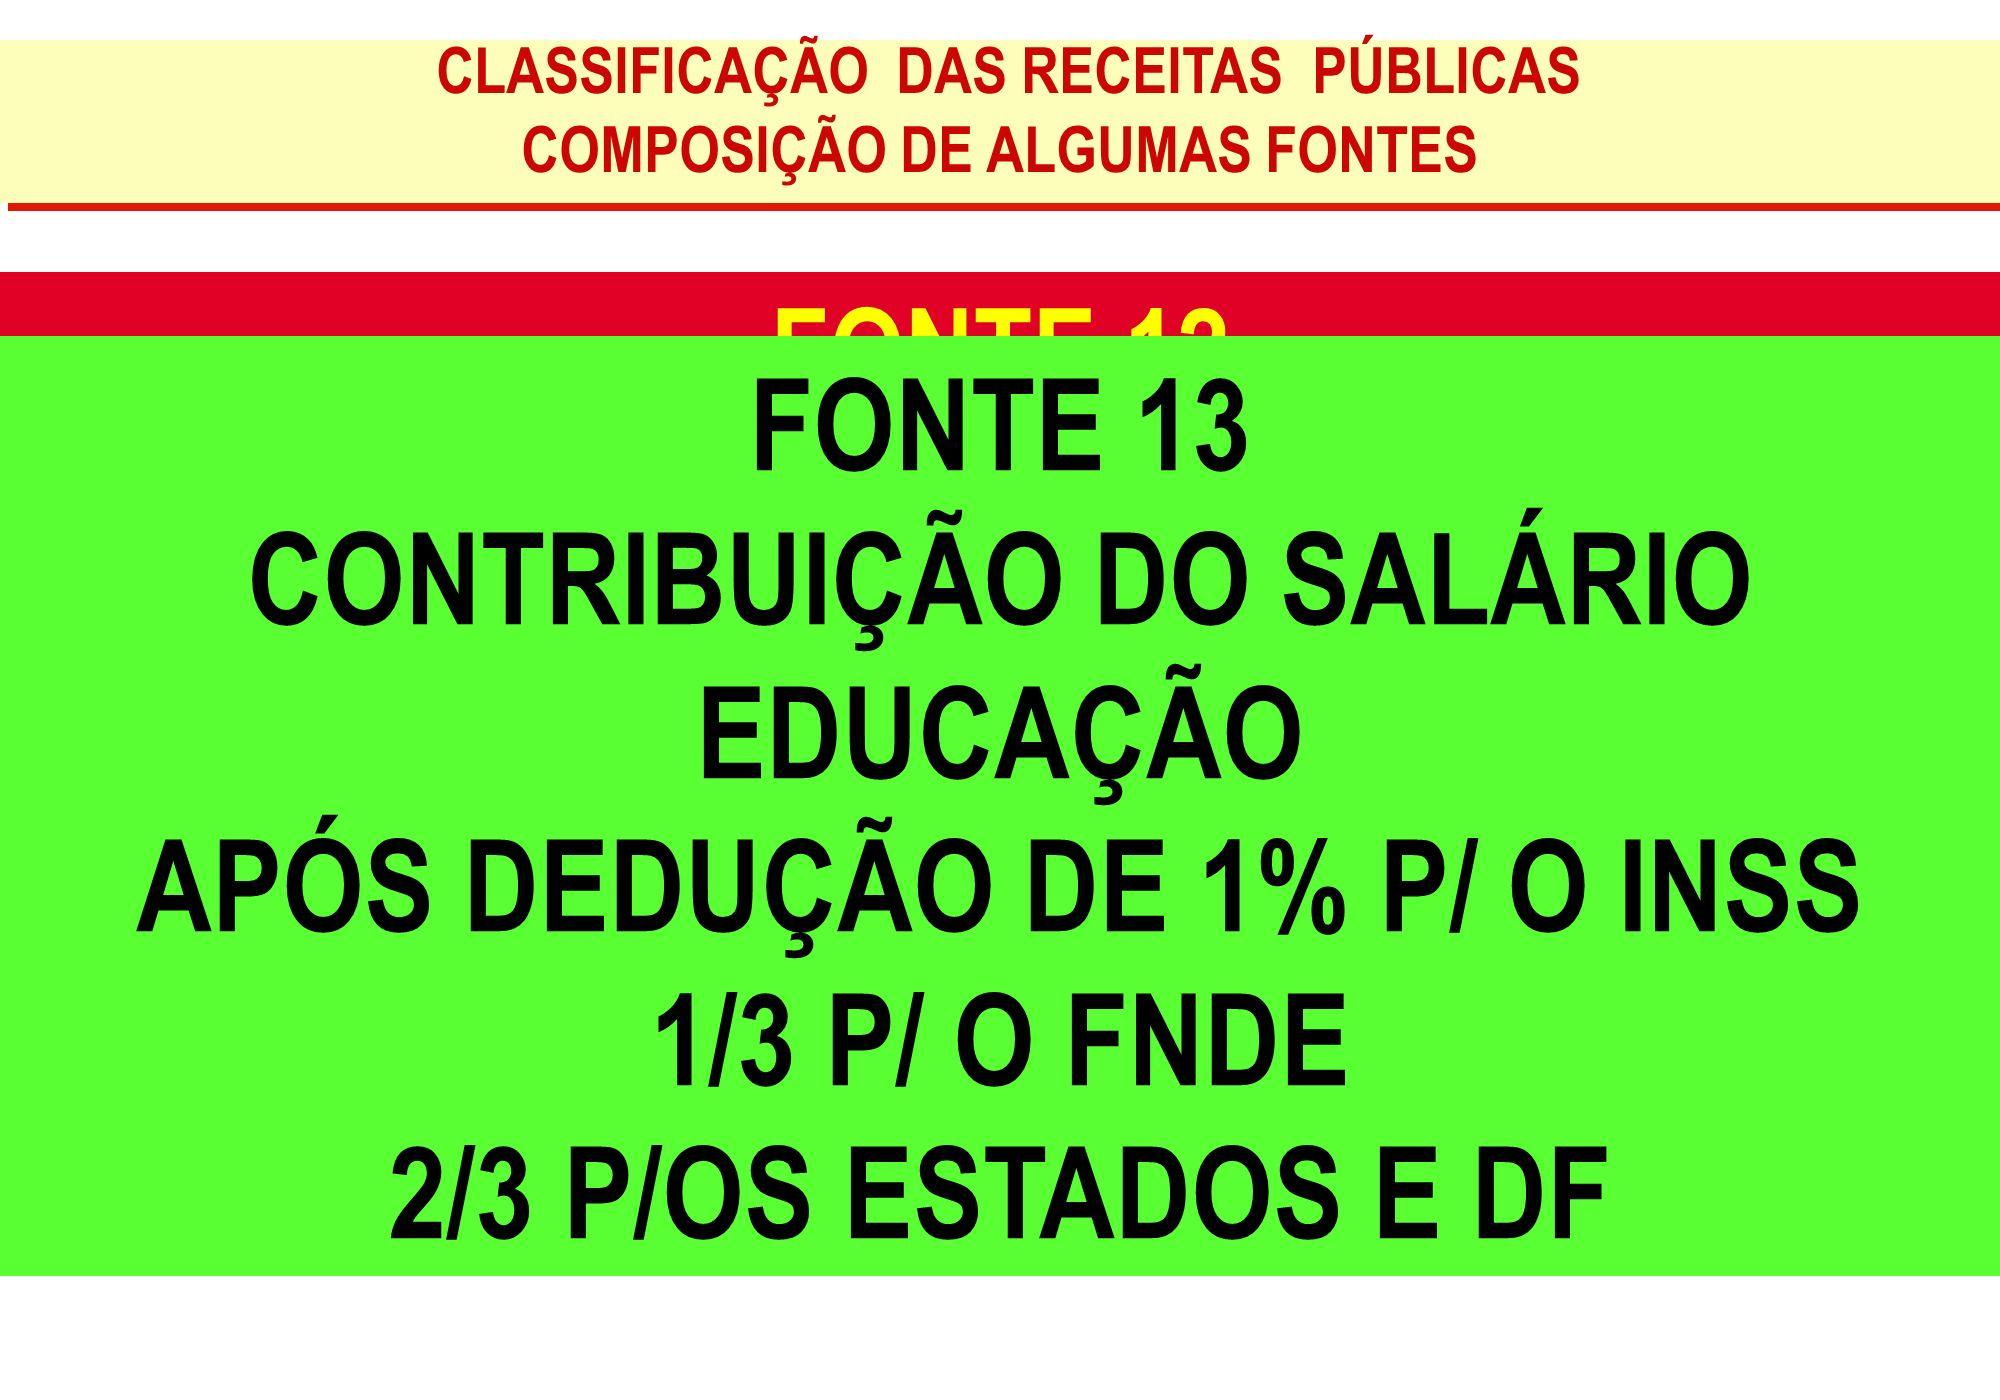 CONTRIBUIÇÃO DO SALÁRIO EDUCAÇÃO APÓS DEDUÇÃO DE 1% P/ O INSS